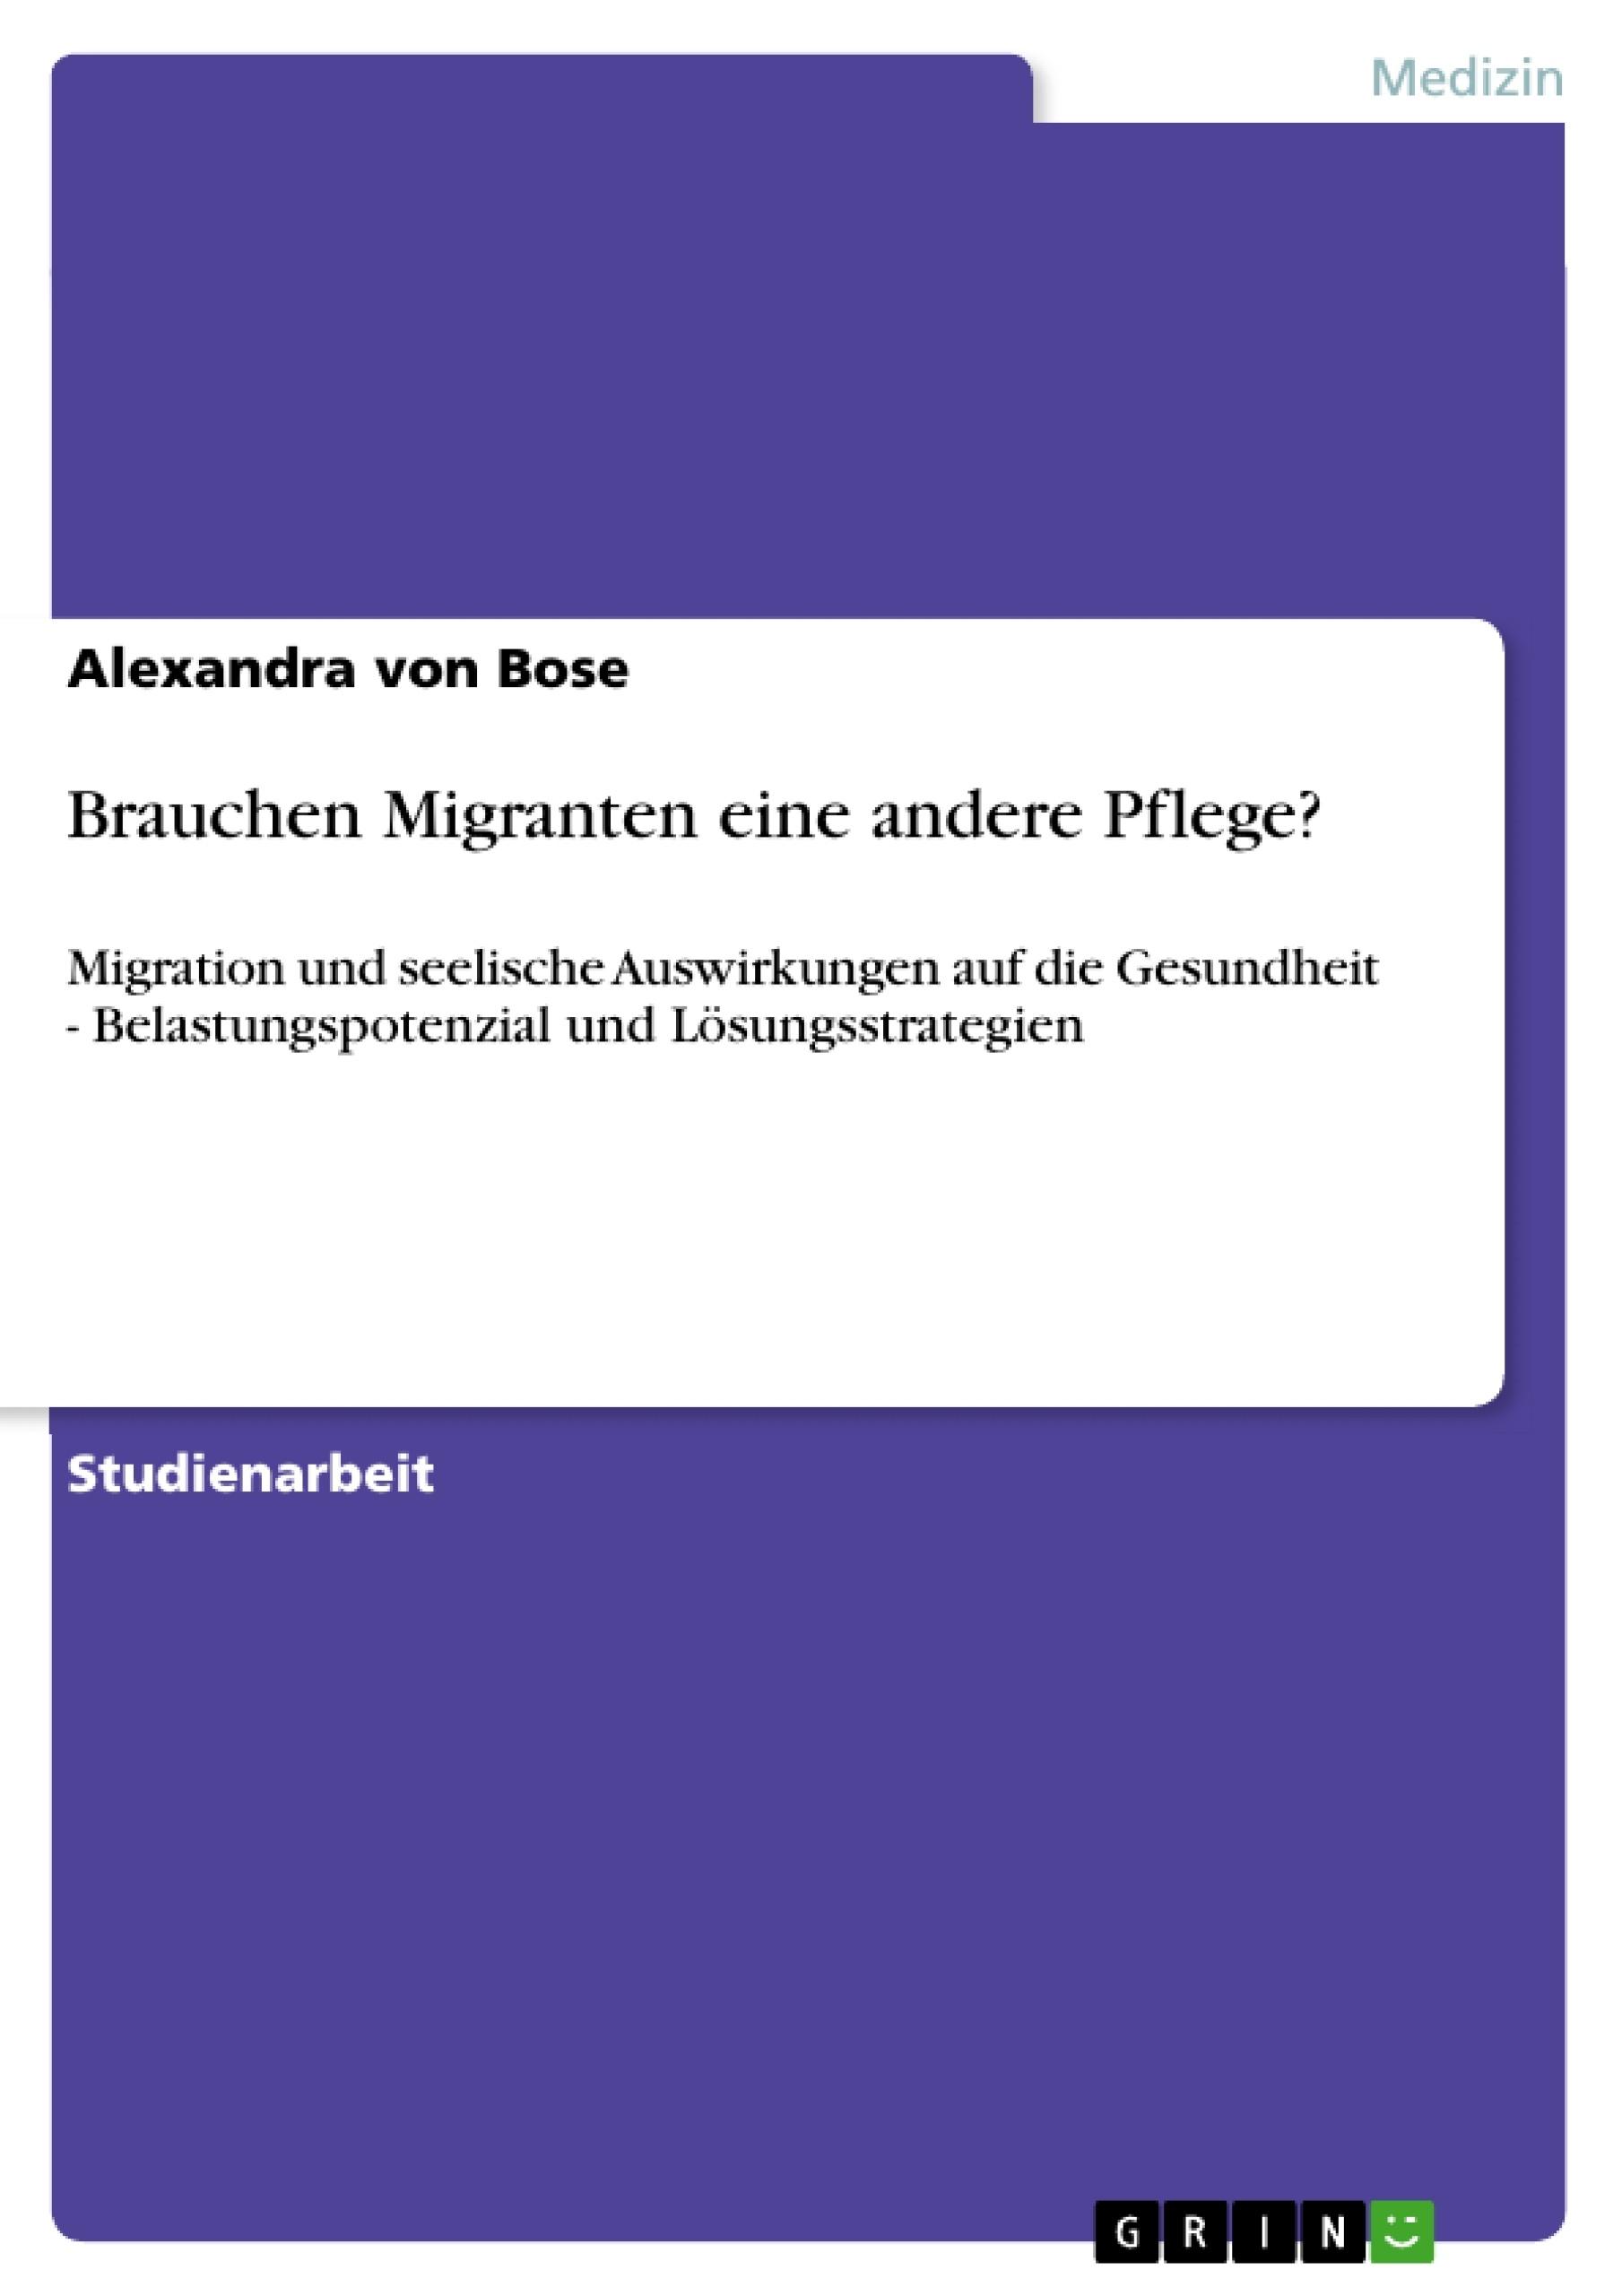 Titel: Brauchen Migranten eine andere Pflege?